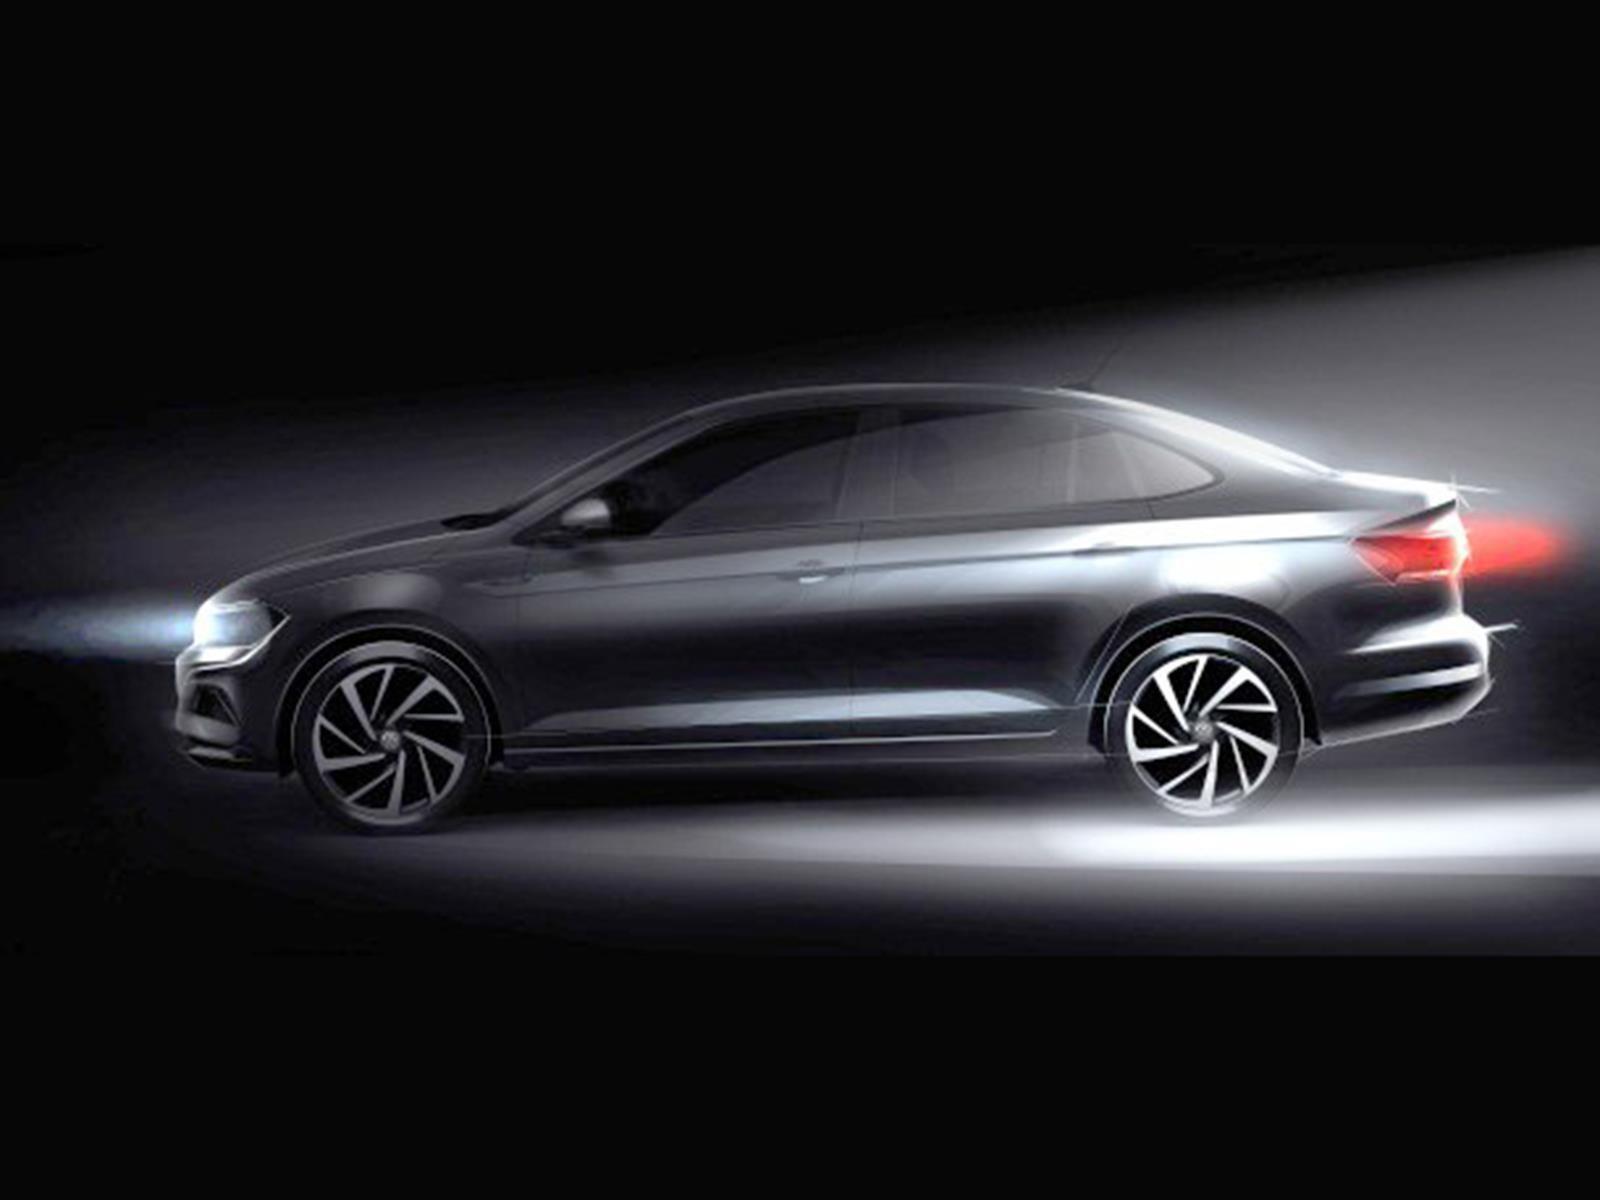 Este es el primer teaser del Volkswagen Virtus